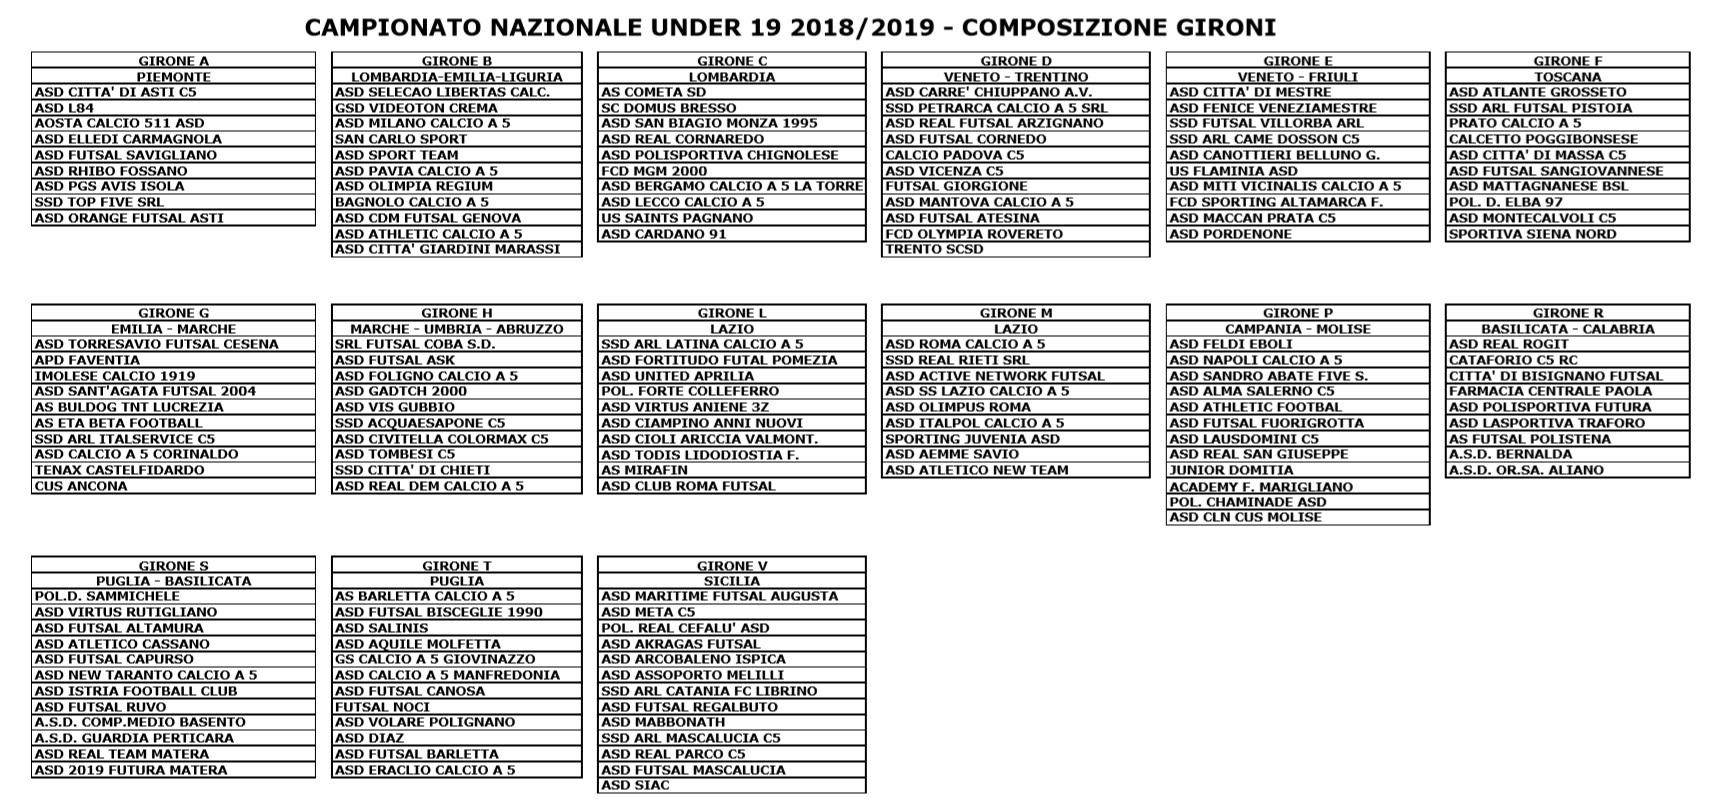 Calendario Serie D Girone H.Campionato Under 19 Lecco E Saints Pagnano Inserite Nel